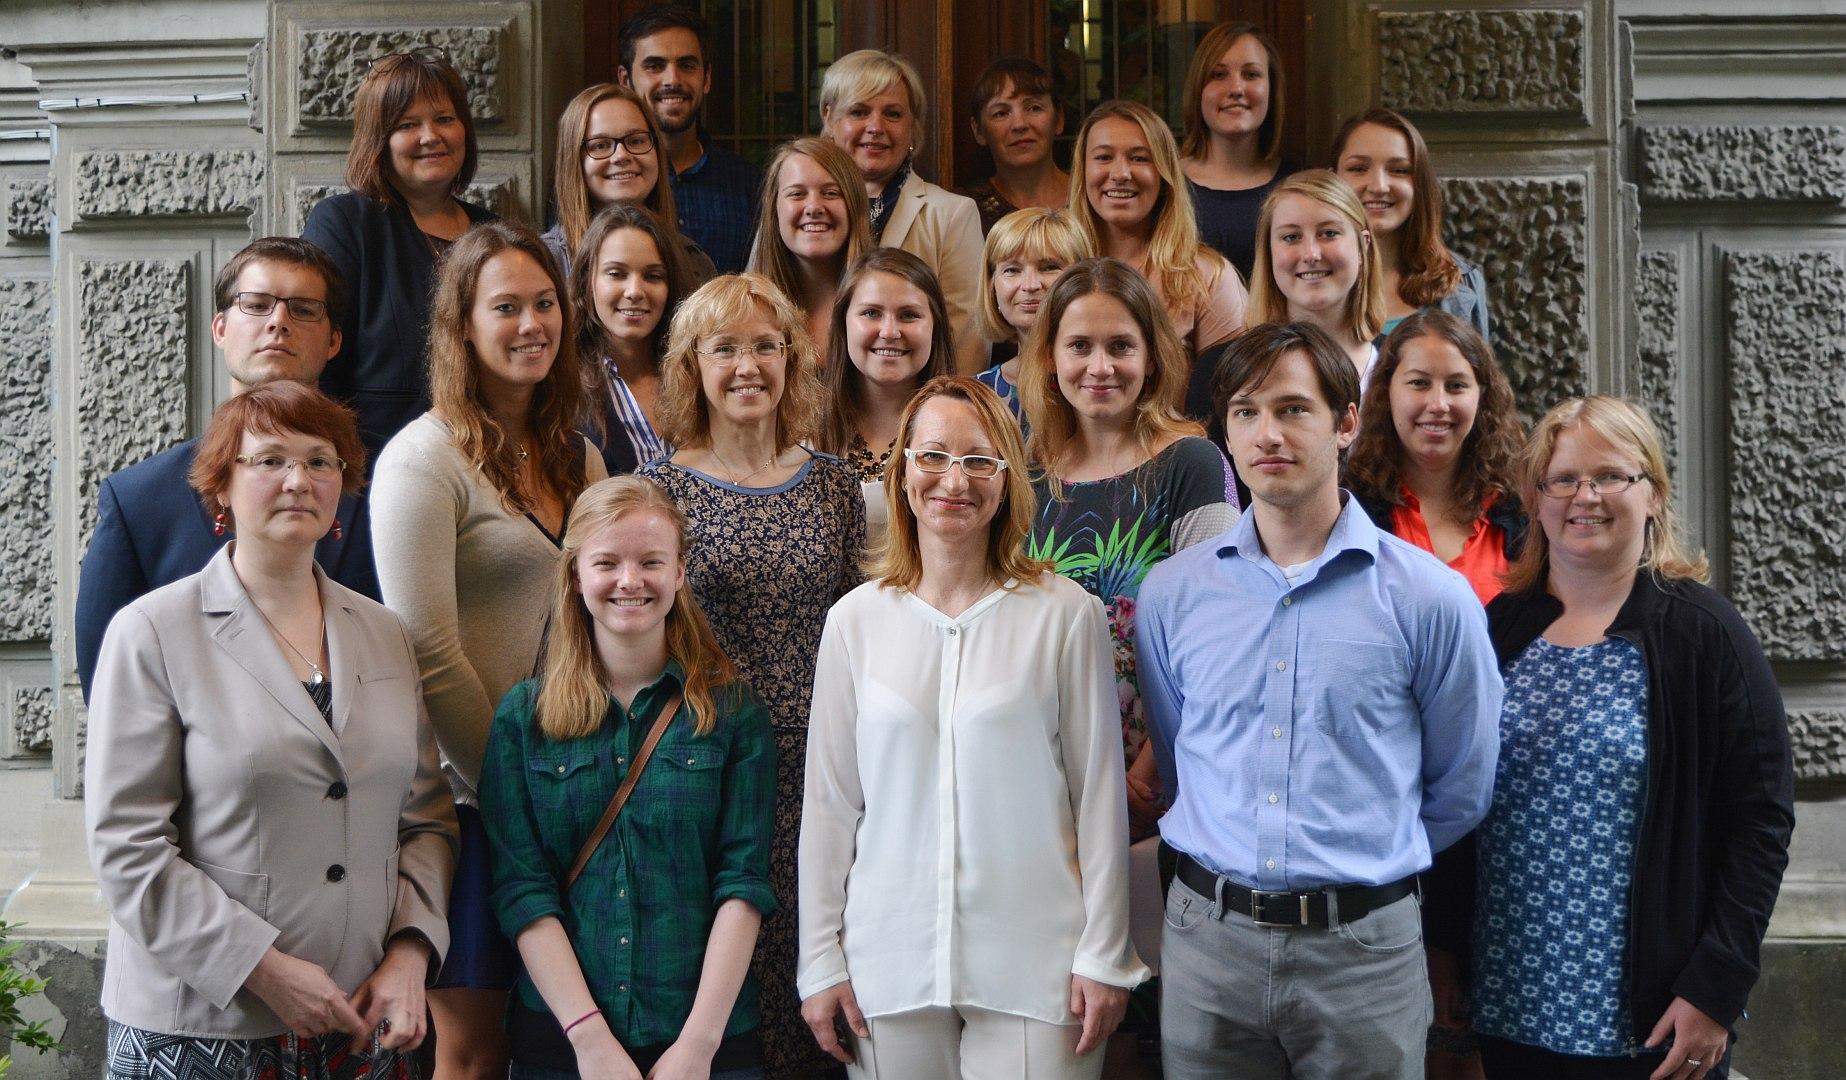 Ministre Dace Melbārde tikās ar 15 jauniešiem no ASV un Kanādas